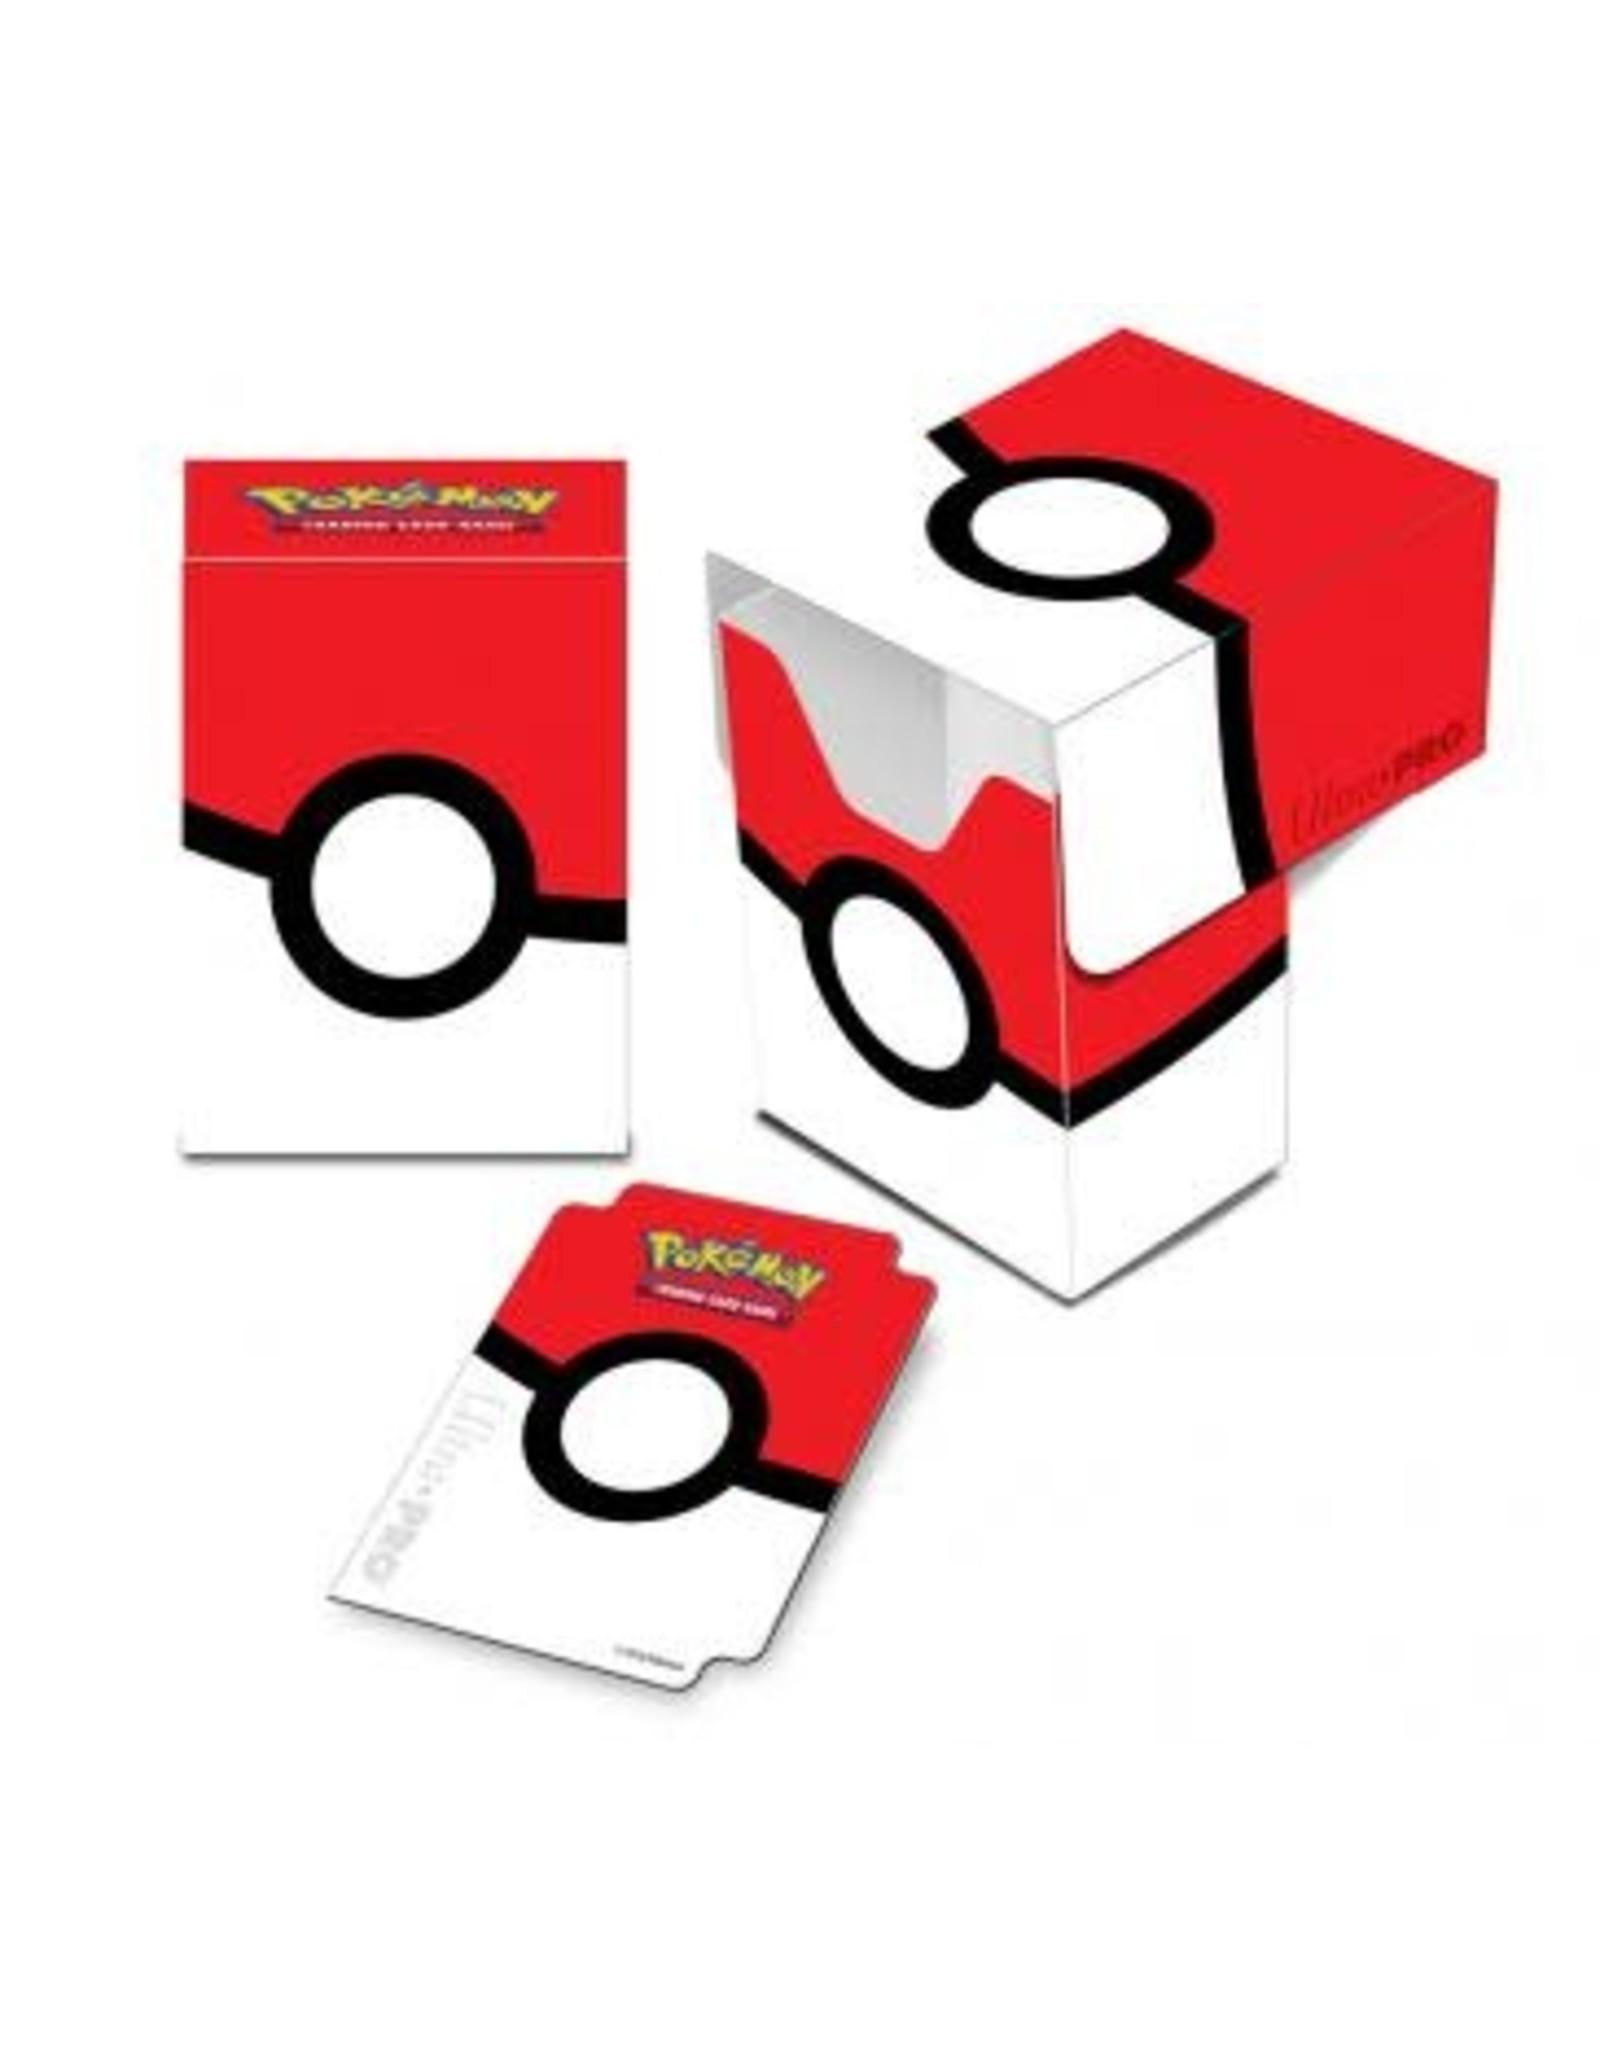 Ultra Pro Pokemon: Pokeball Deck Box